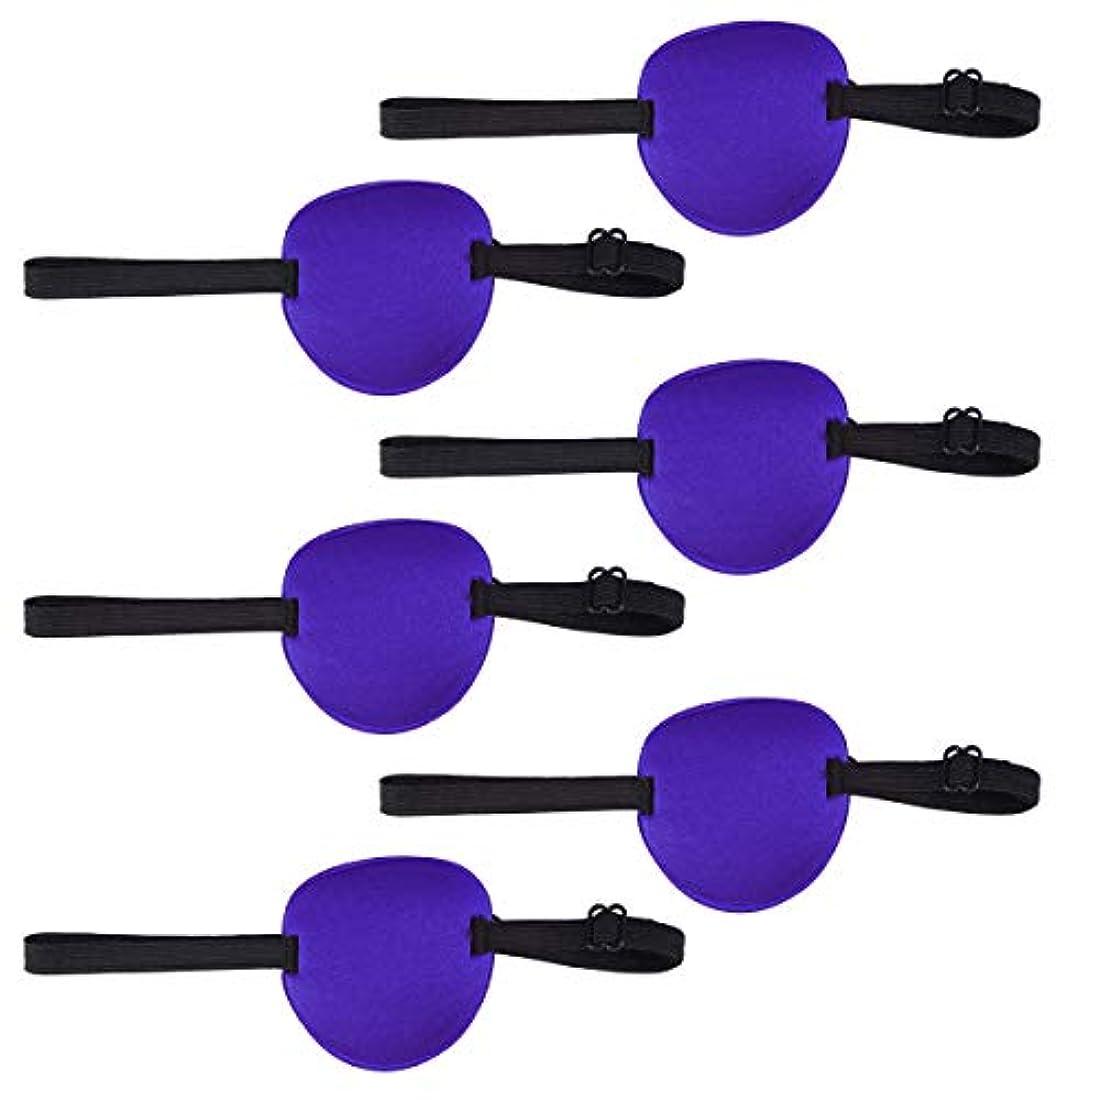 絶対にスキャンダル欲しいですHealifty 弱視の目のパッチ大人と子供のための調節可能な弾性バックル付き6個の片目スポンジアイパッチ(ブルー)